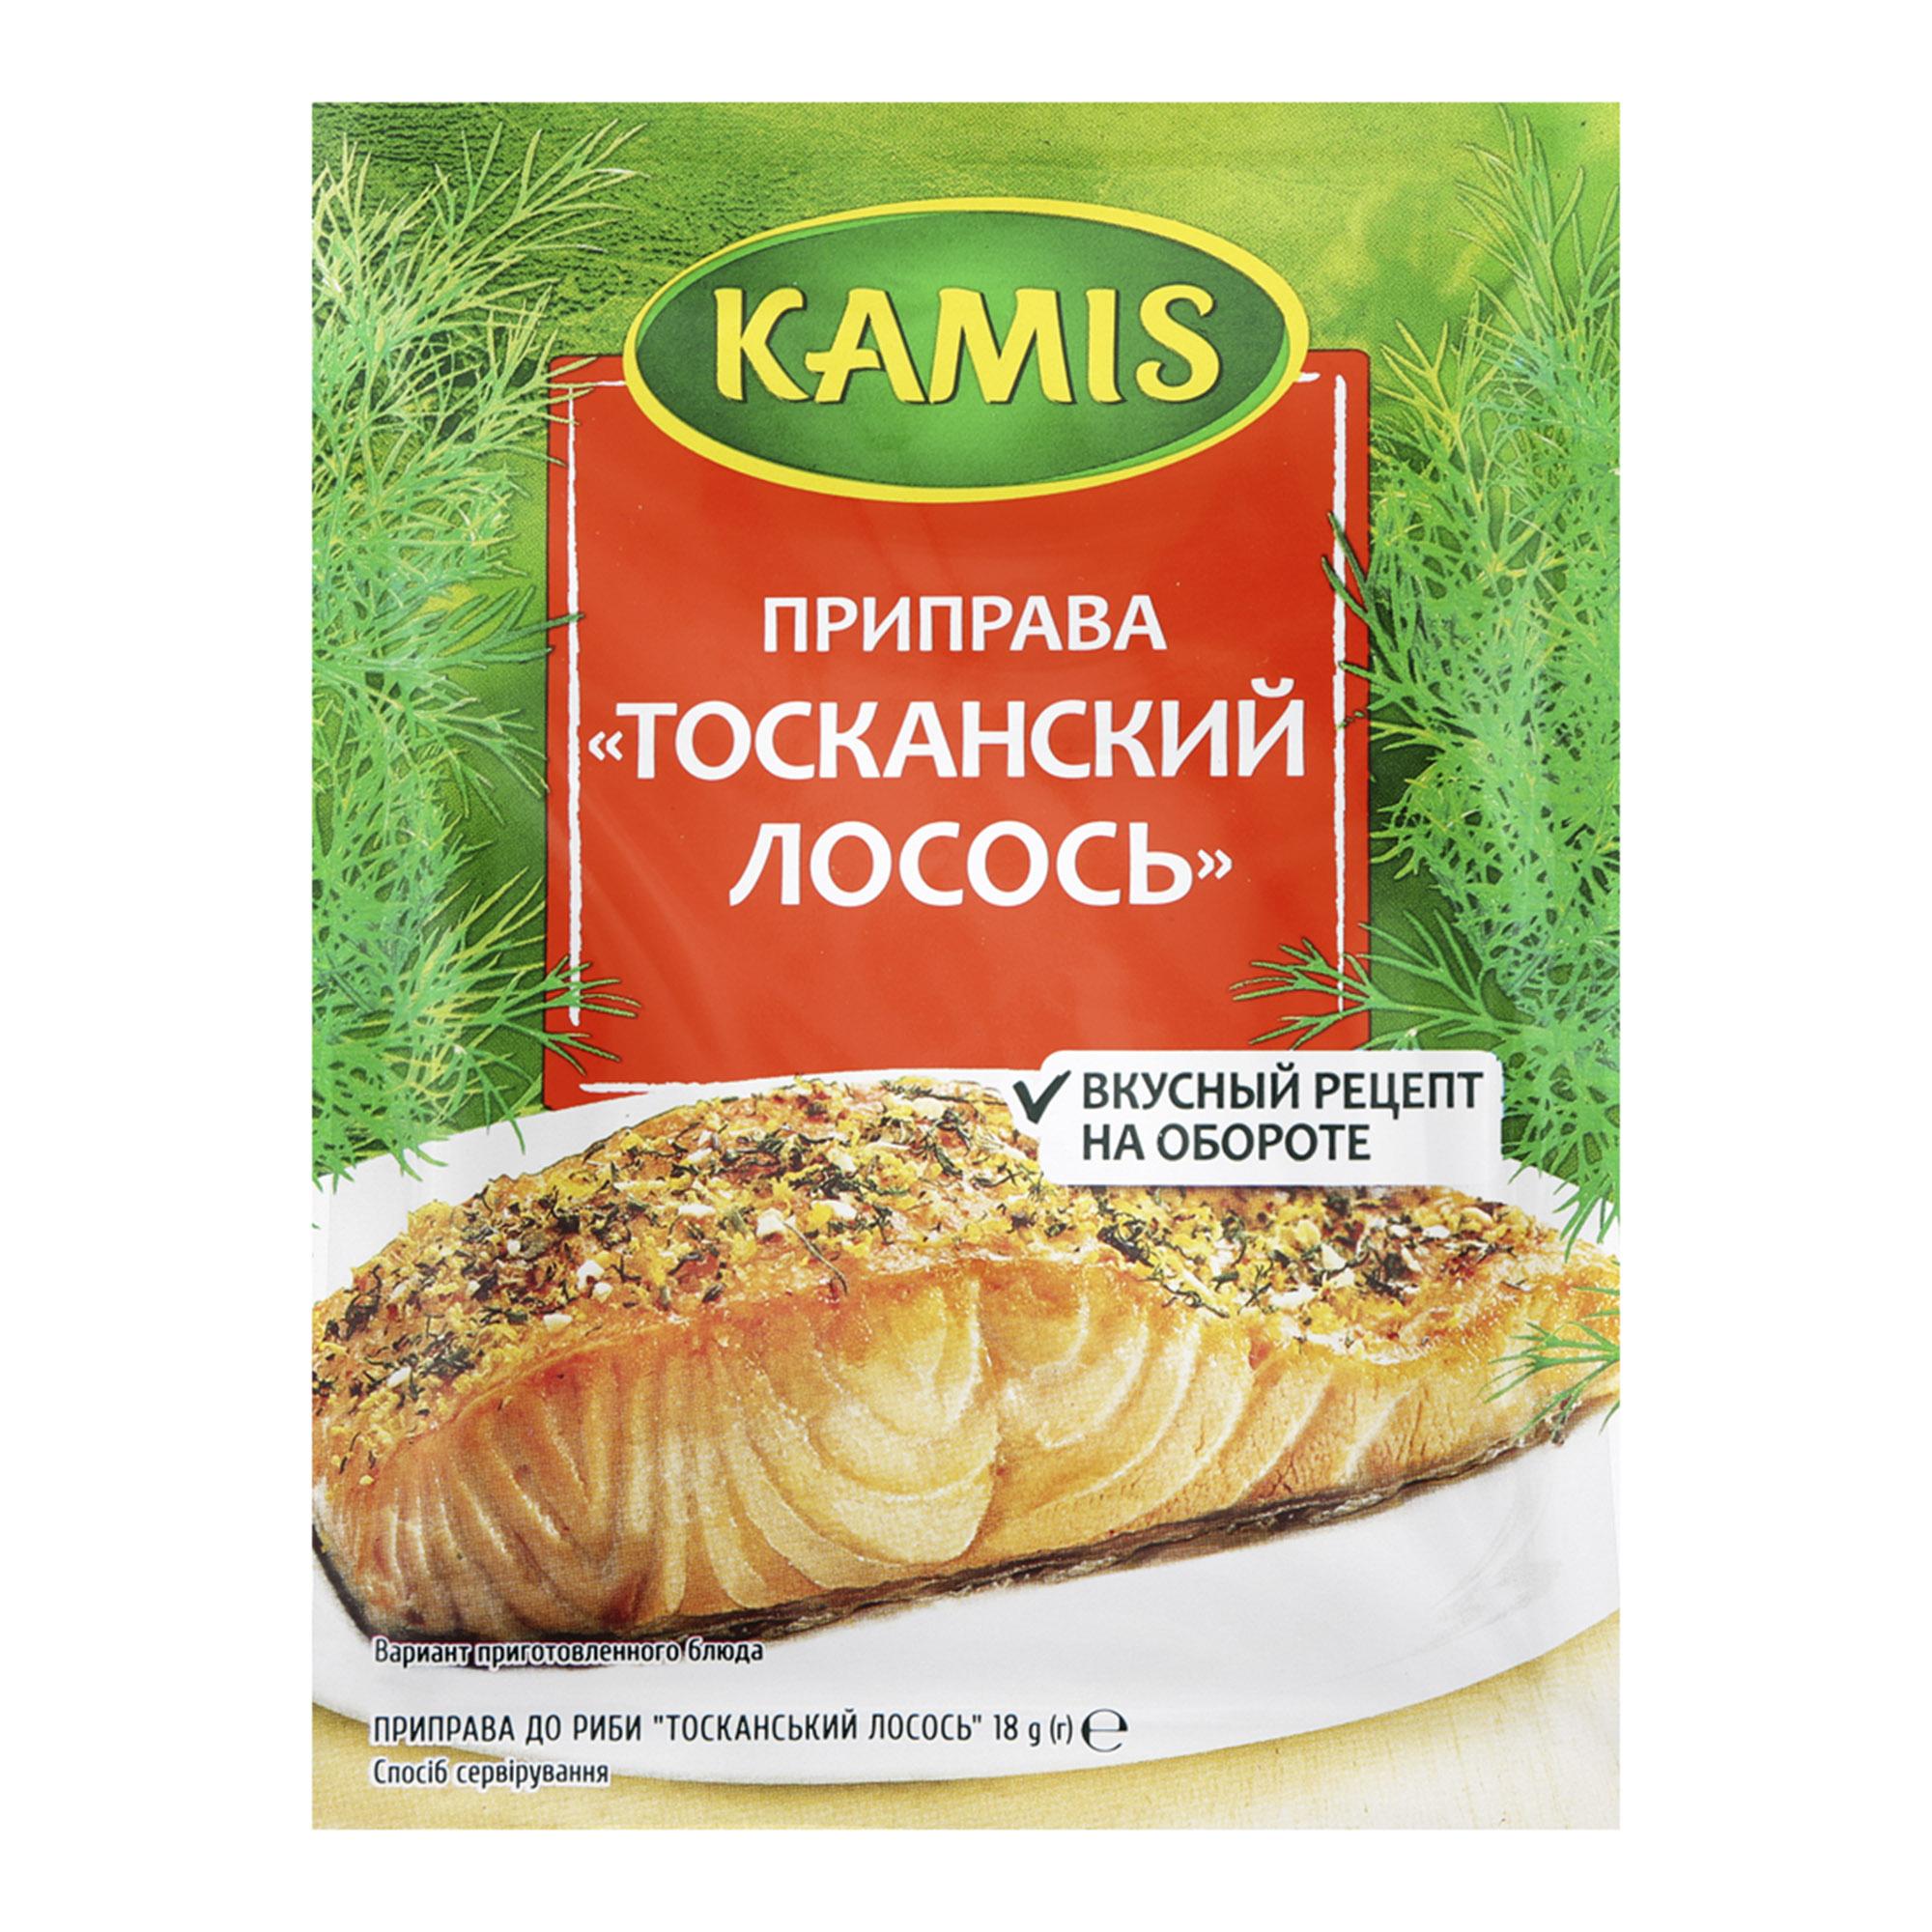 Фото - Приправа Kamis Тосканский лосось 18 г kamis приправа тосканский лосось 4х18 г